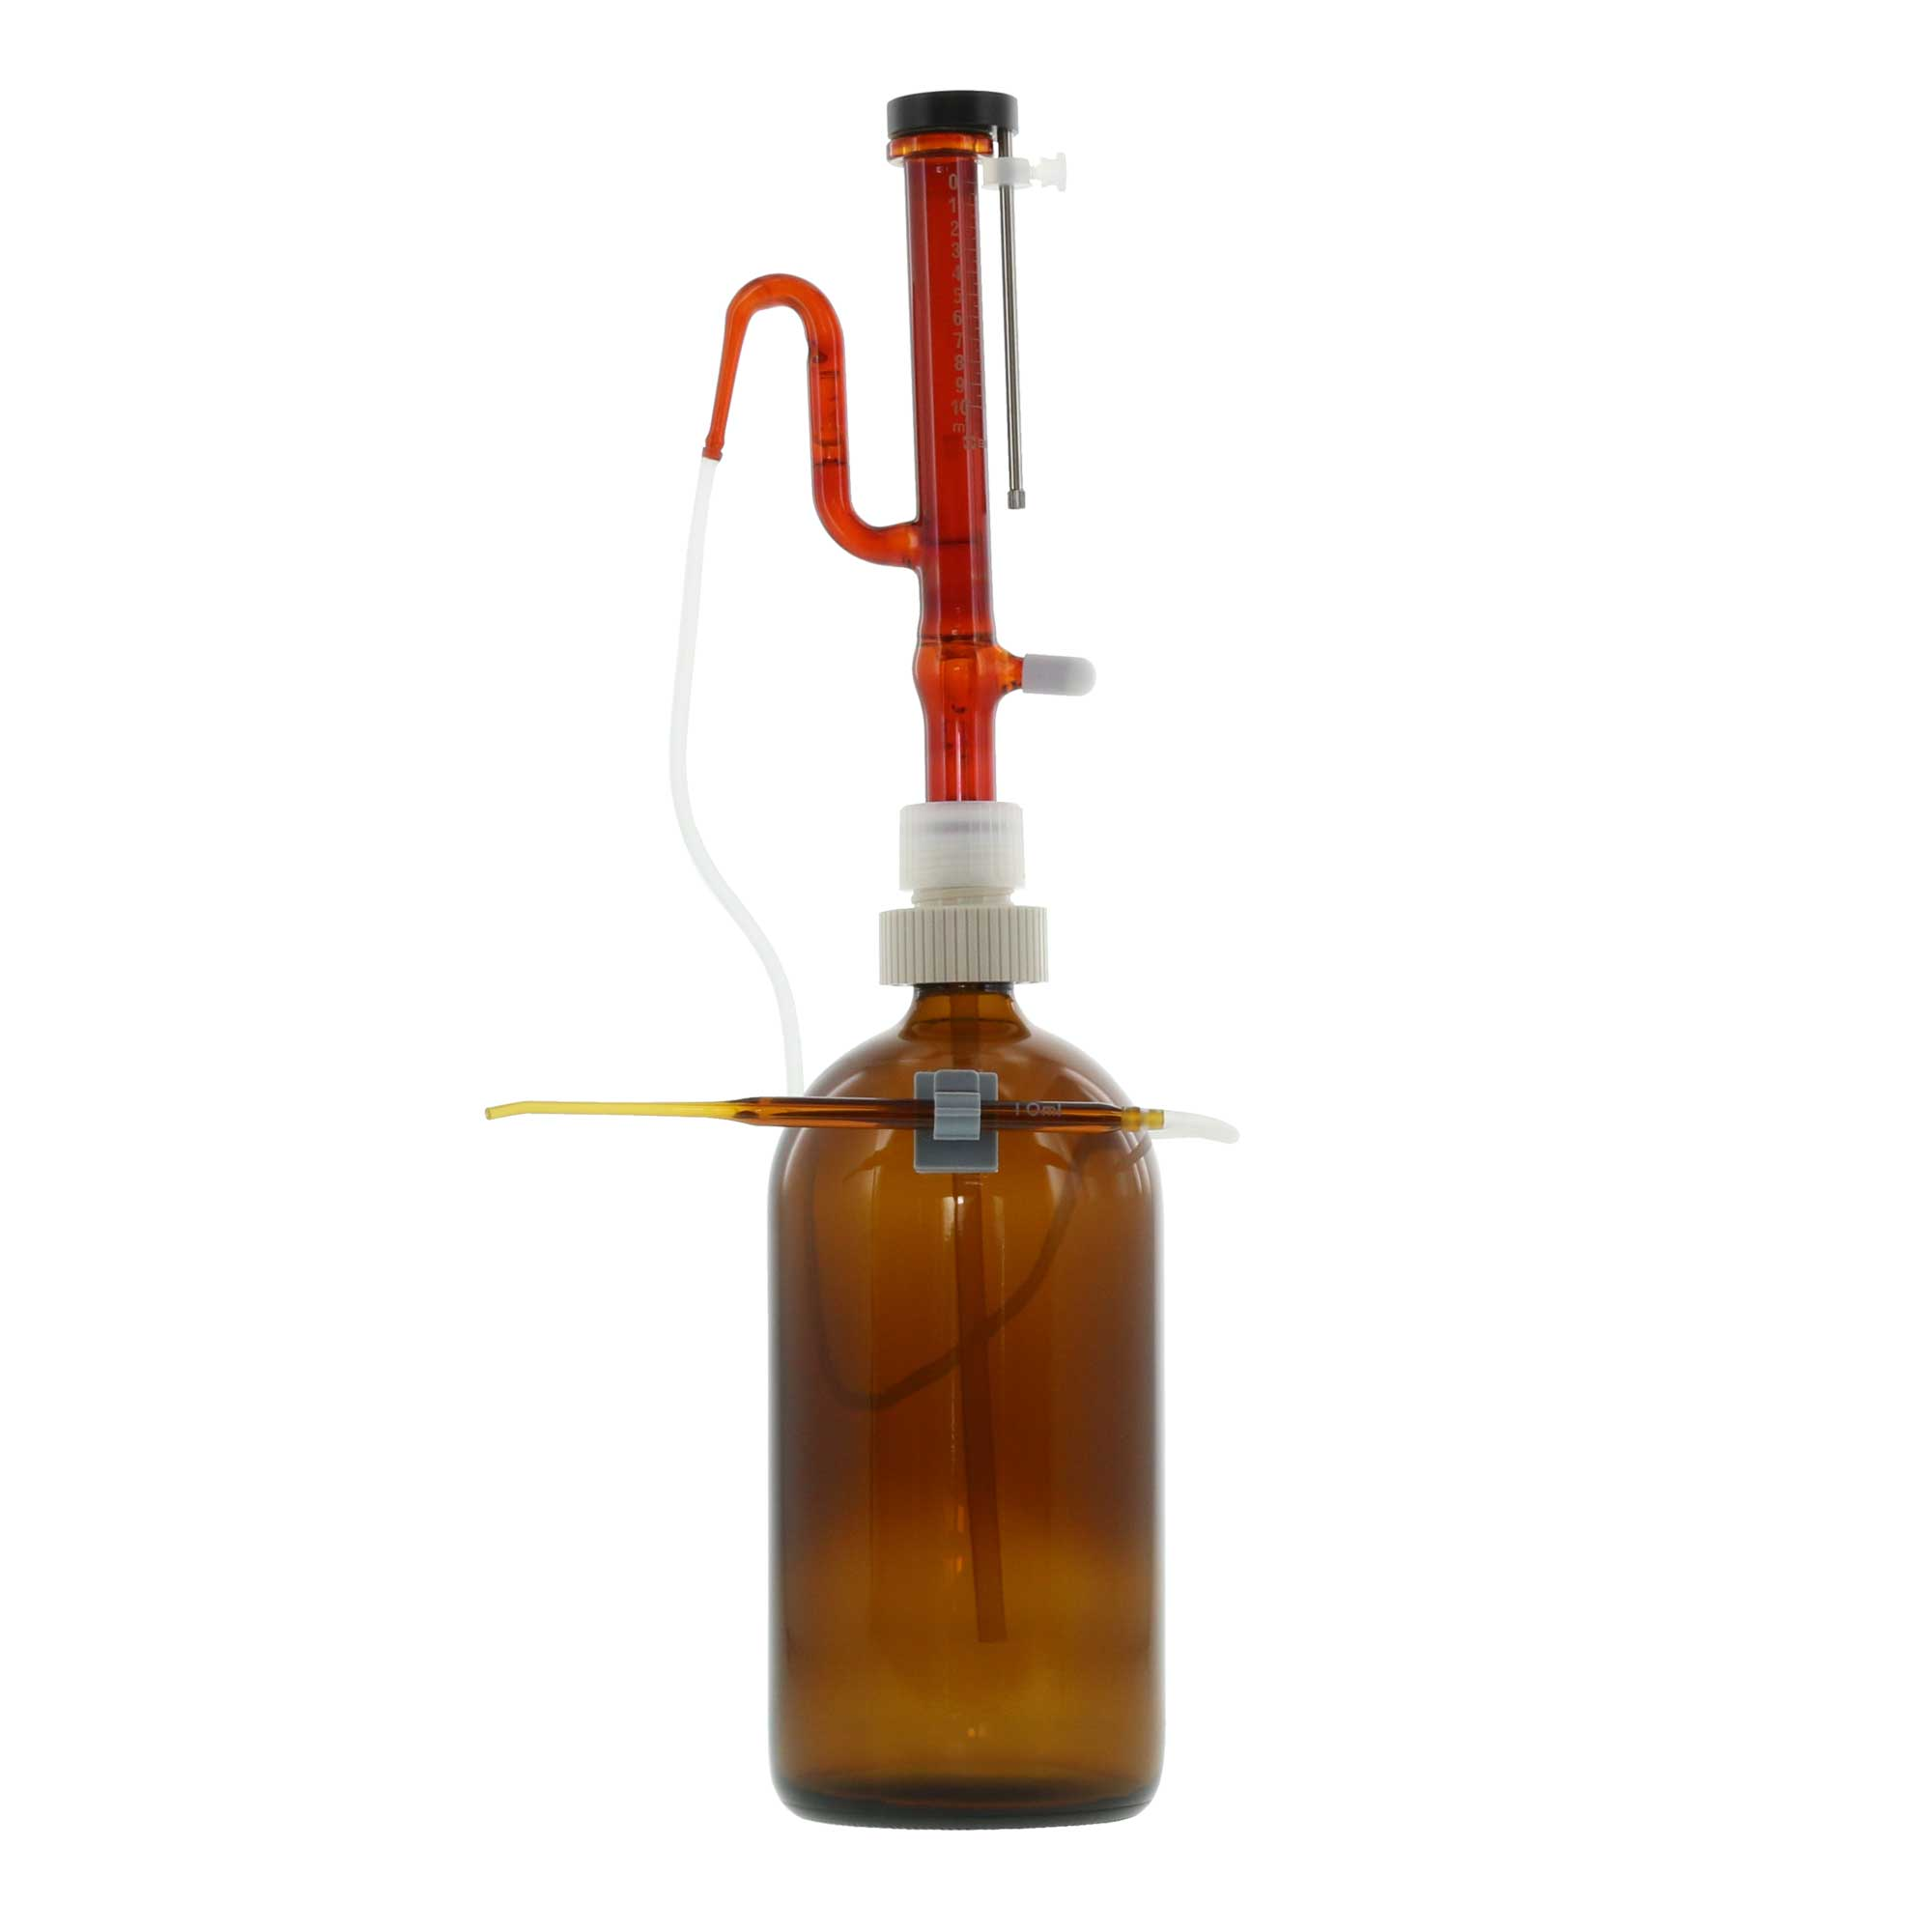 分注器 リビューレット 褐色 1-10mL